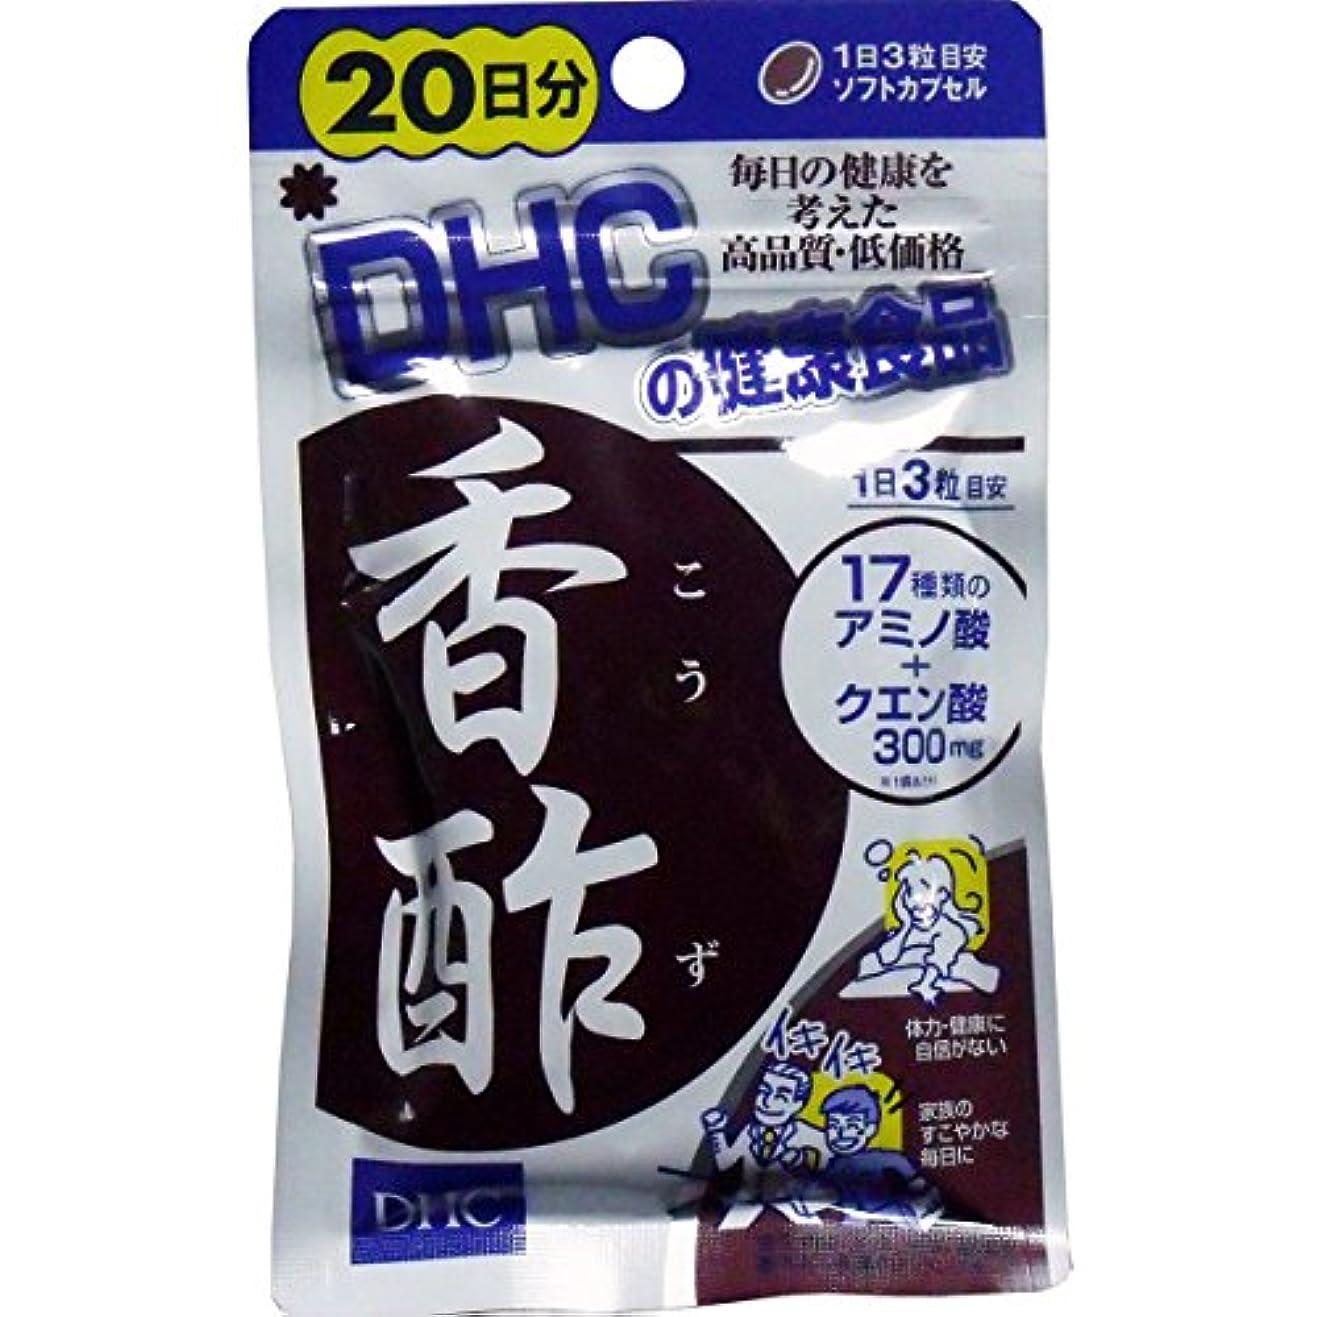 原理水っぽいホステルDHC 香酢 20日分 60粒入「4点セット」